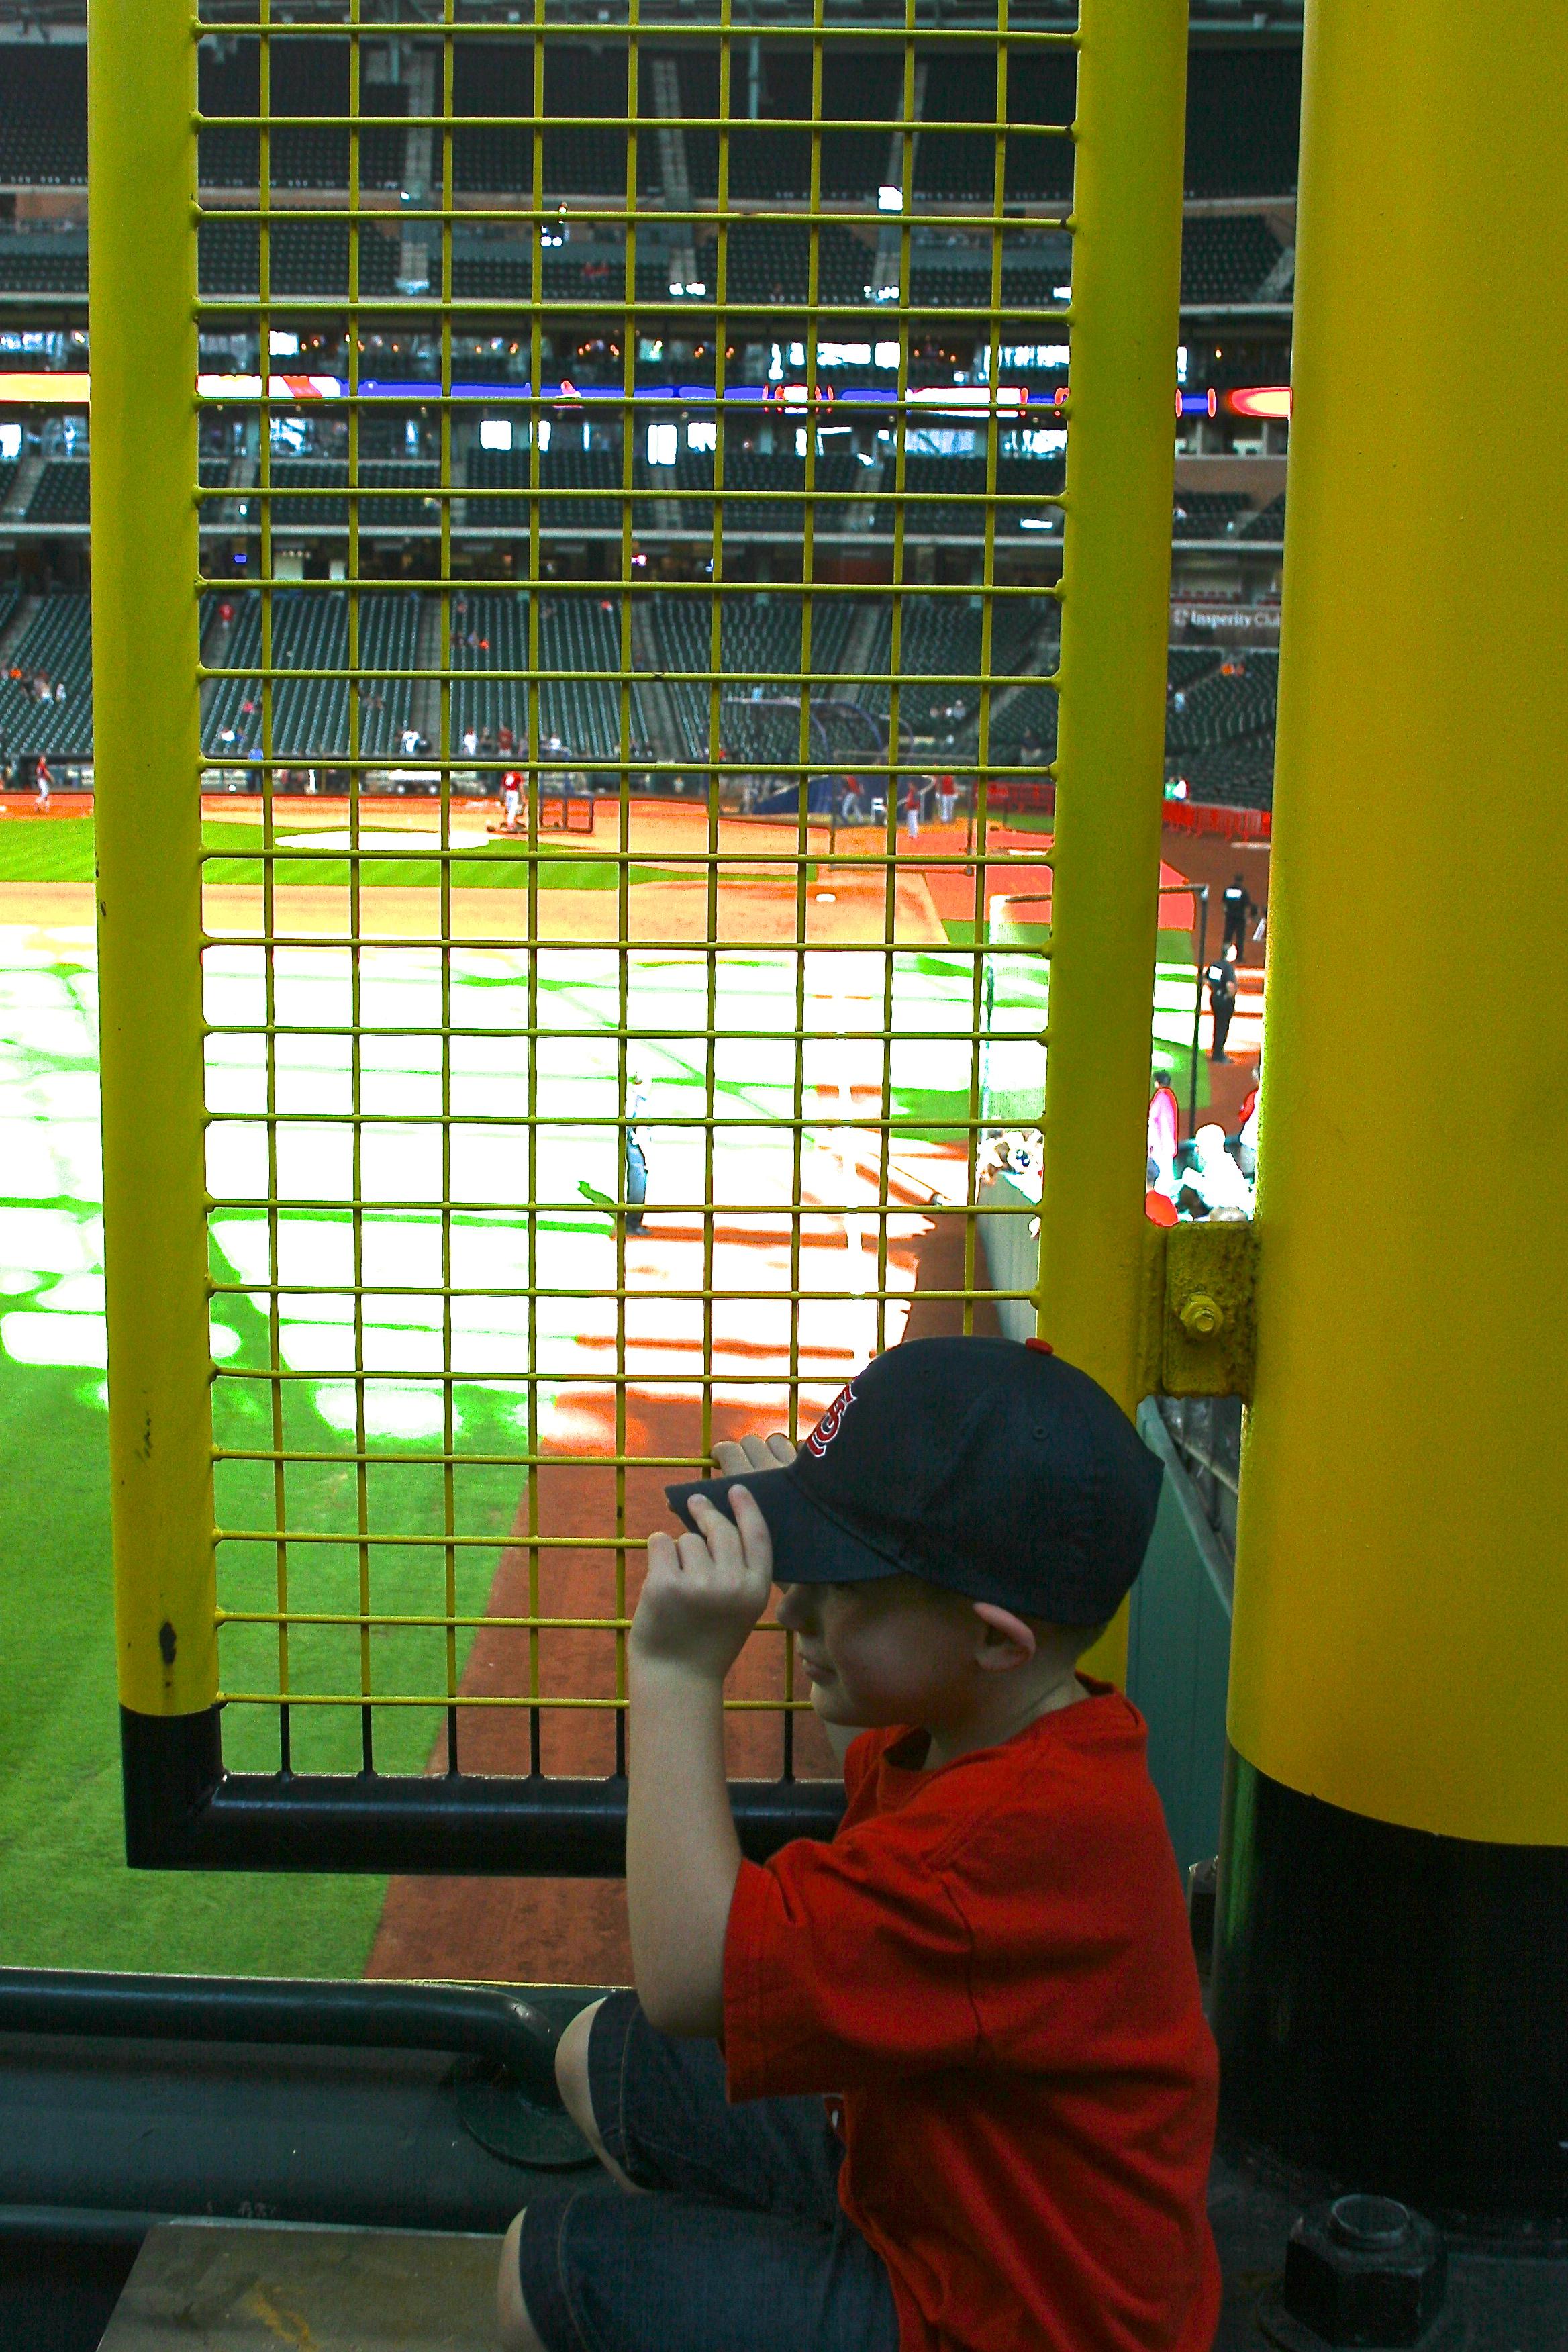 Kid hiding behind the foul pole